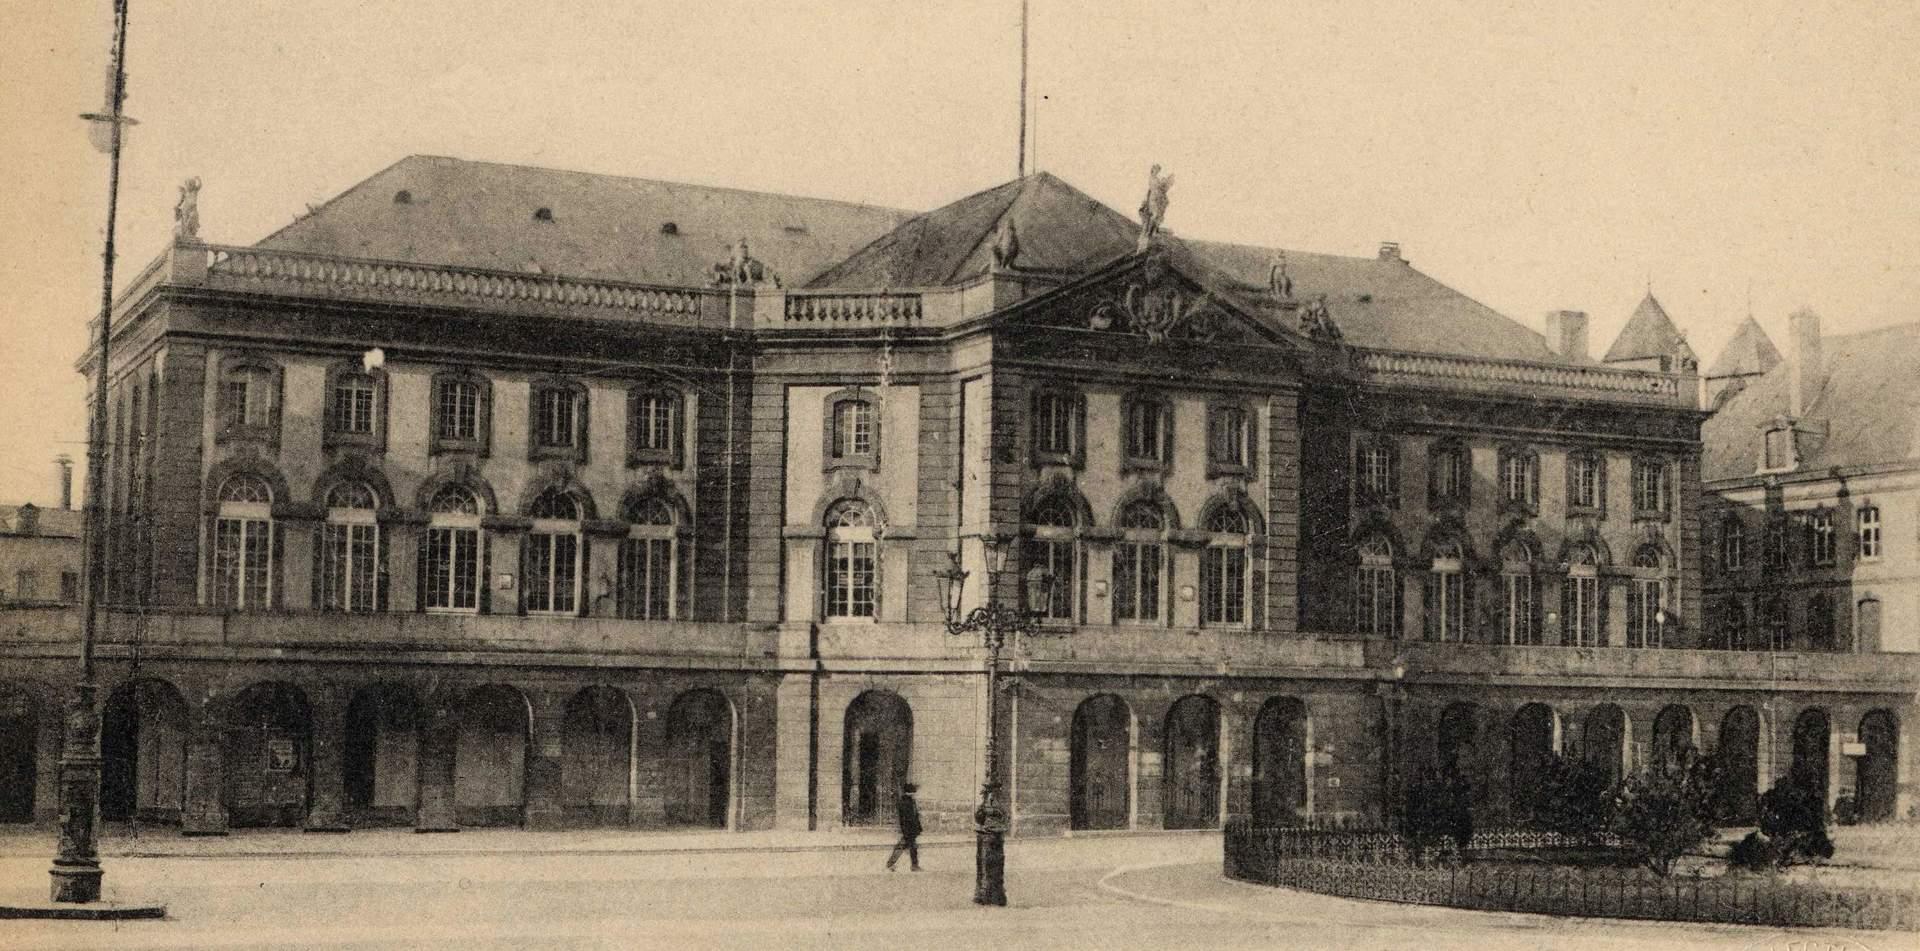 Contenu du L'Opéra-théâtre de Metz: un des premiers théâtres construits en France !